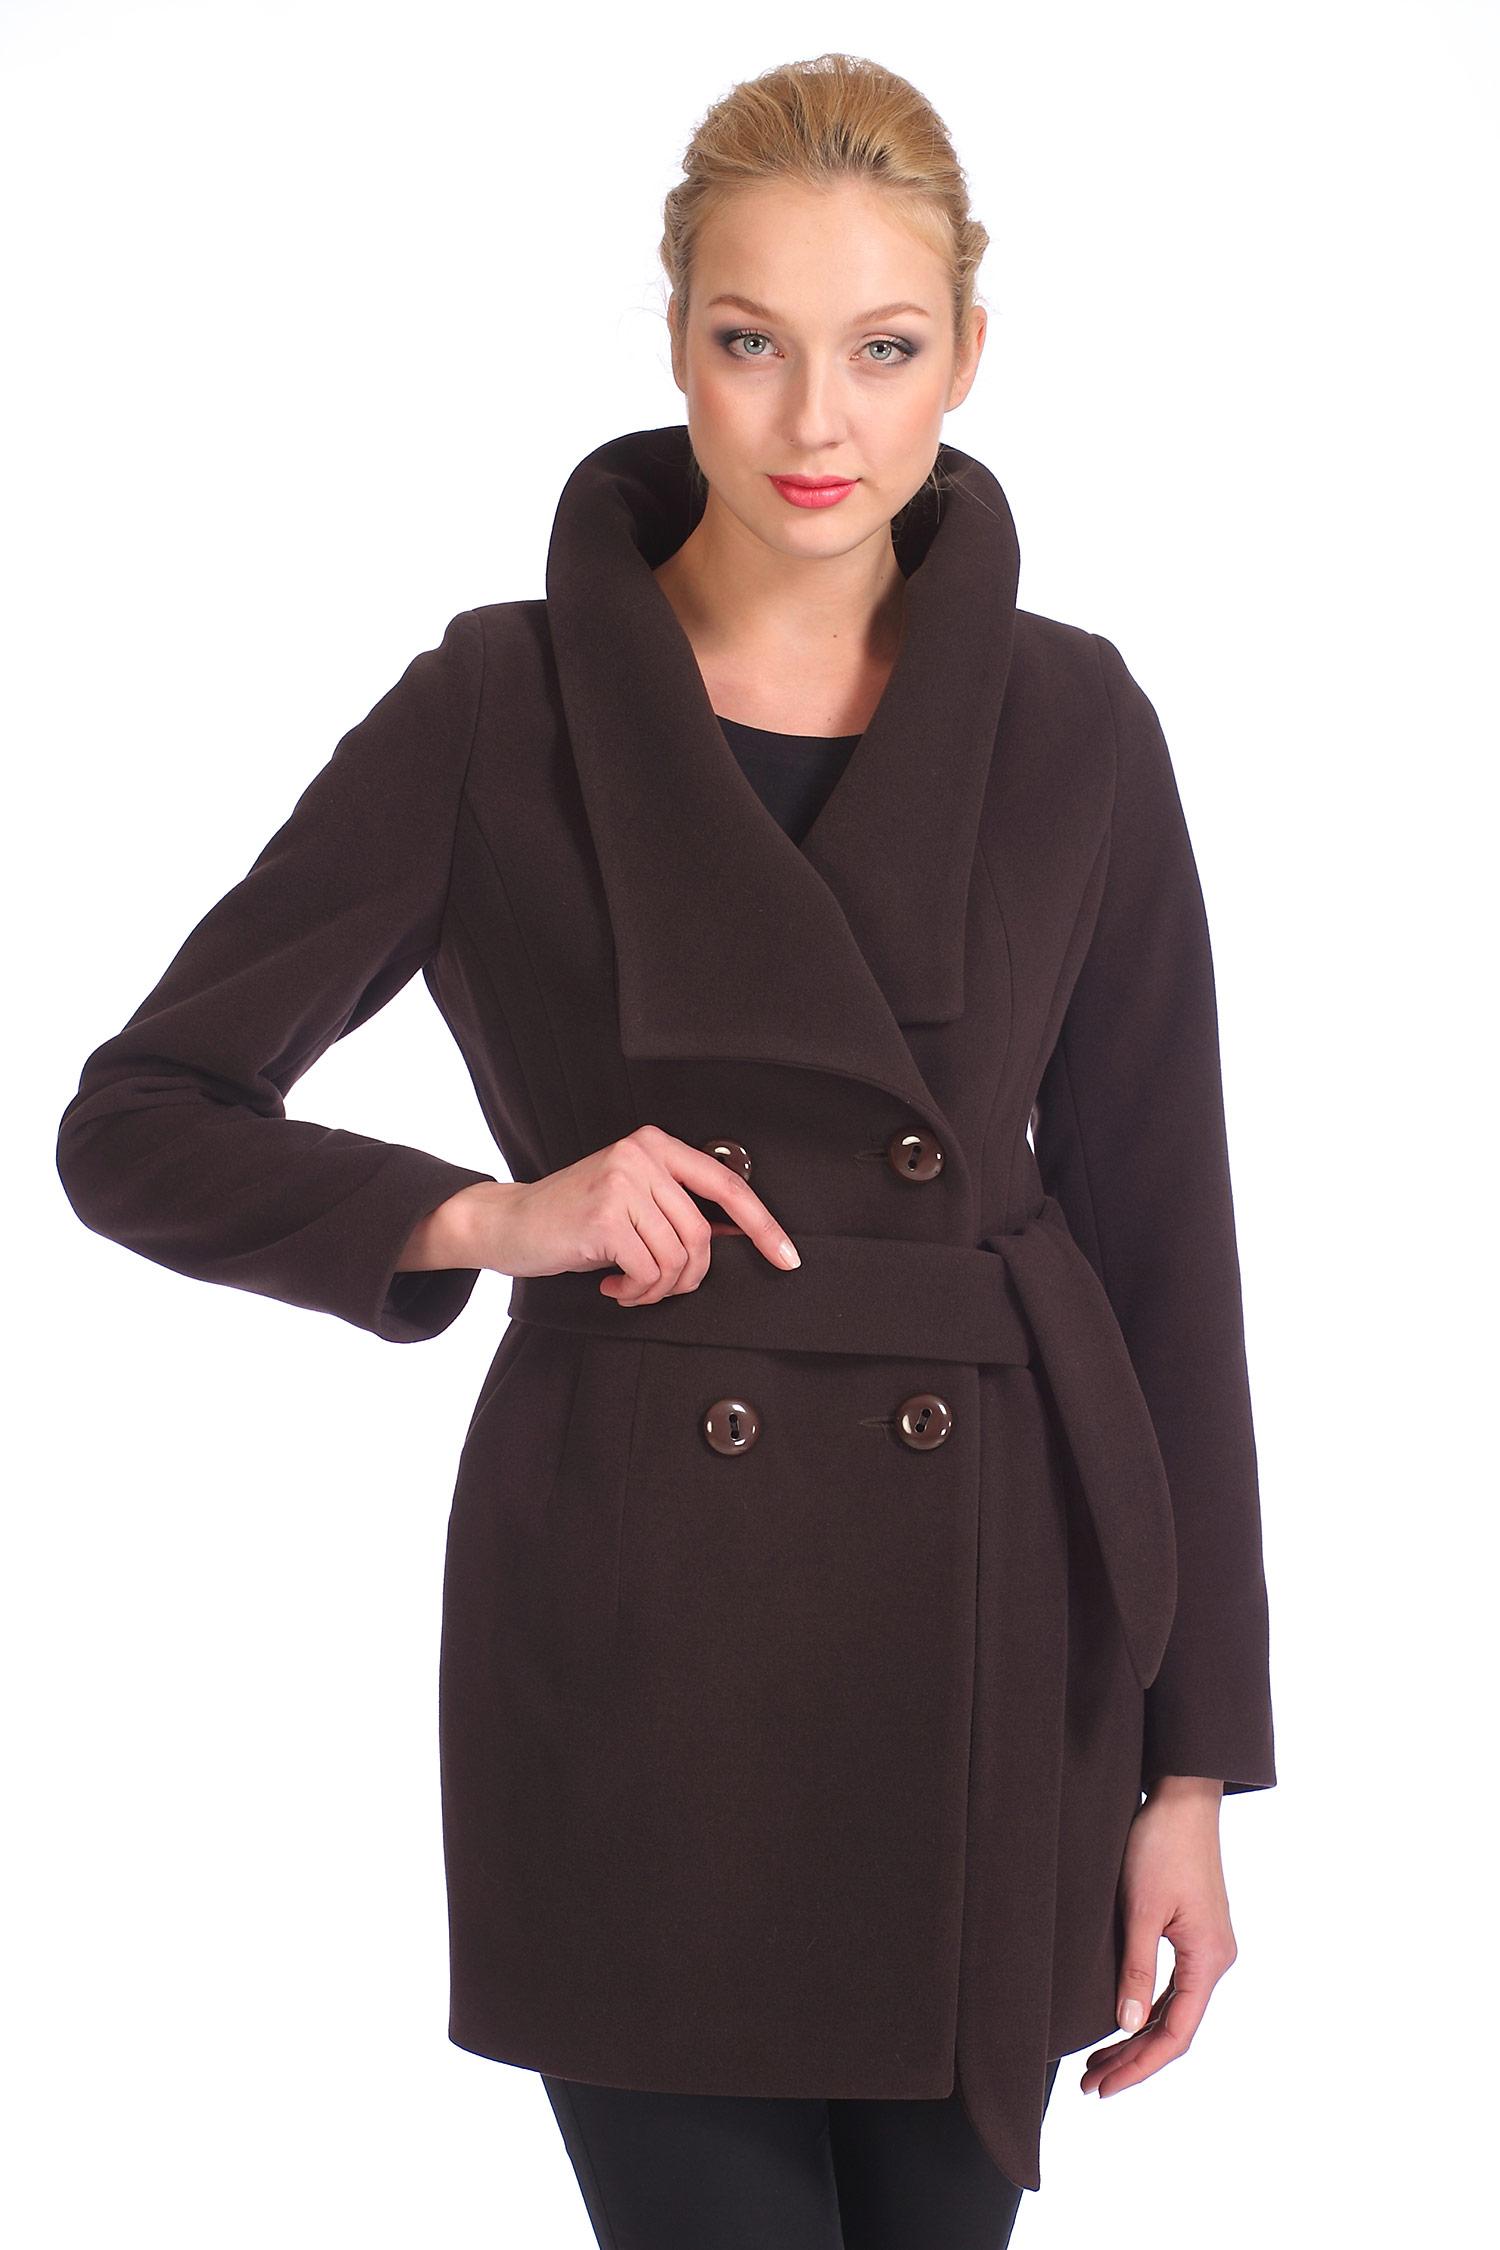 Женское пальто с воротником, без отделки<br><br>Длина см: 80<br>Воротник: Оригинальный<br>Материал: 80% шерсть 20% полиамид<br>Цвет: Коричневый<br>Пол: Женский<br>Размер RU: 42